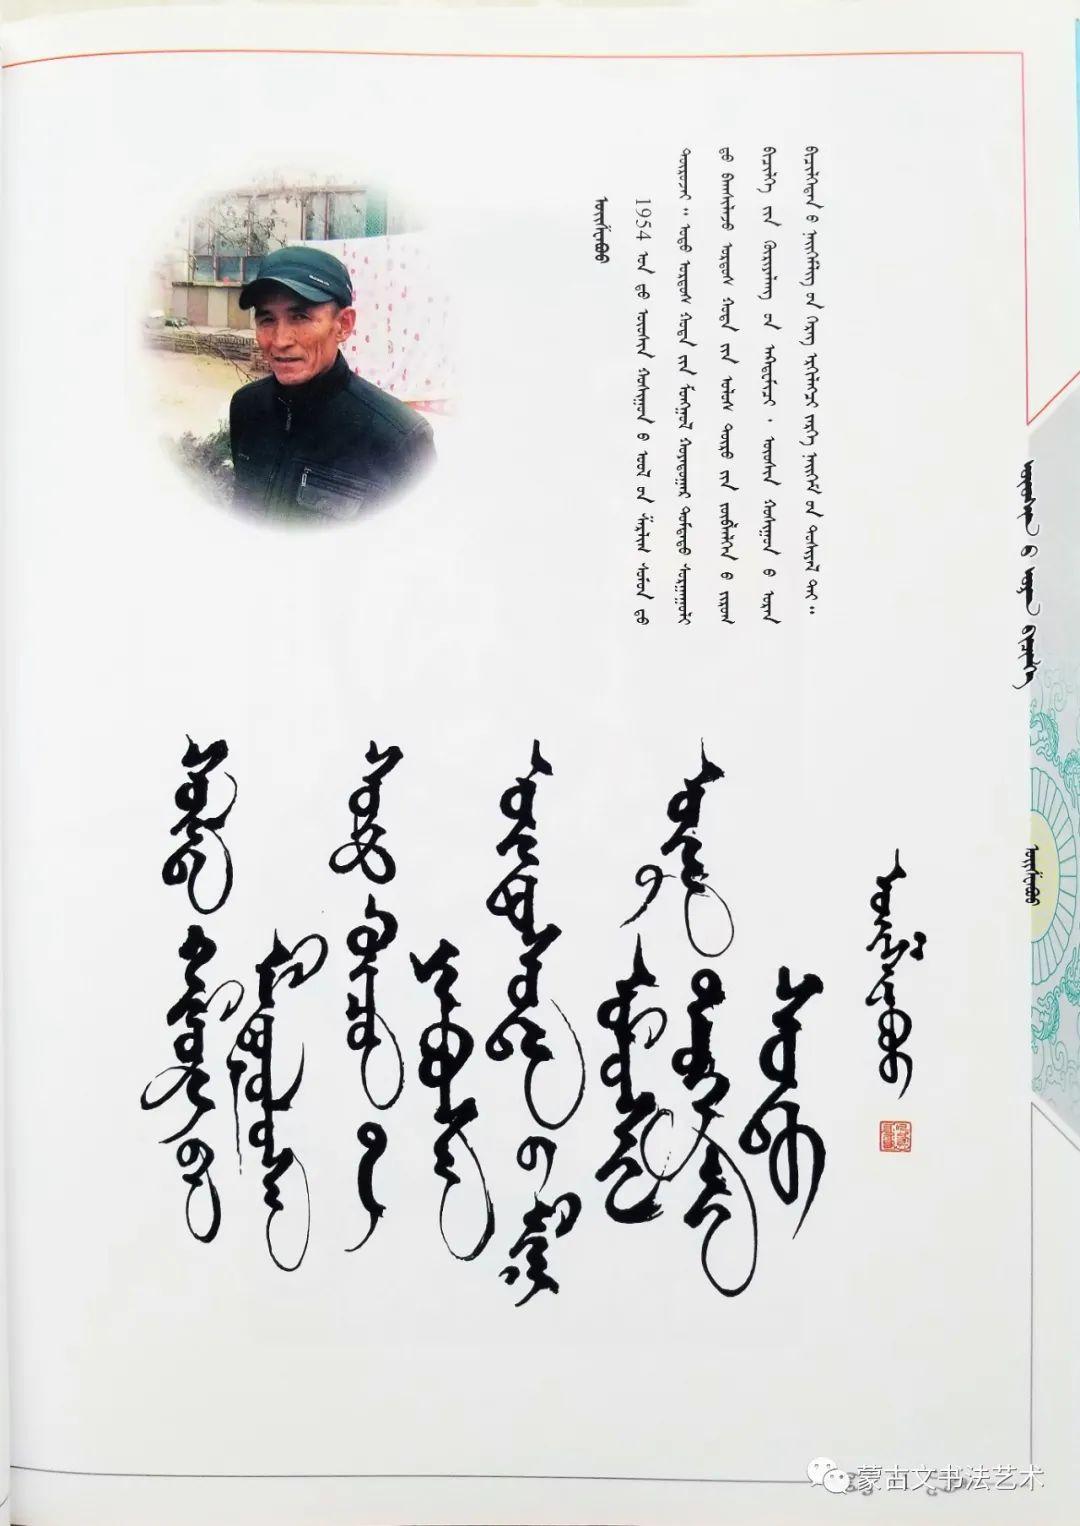 阿拉腾毕力格《乌审旗书法与篆刻精选》 第12张